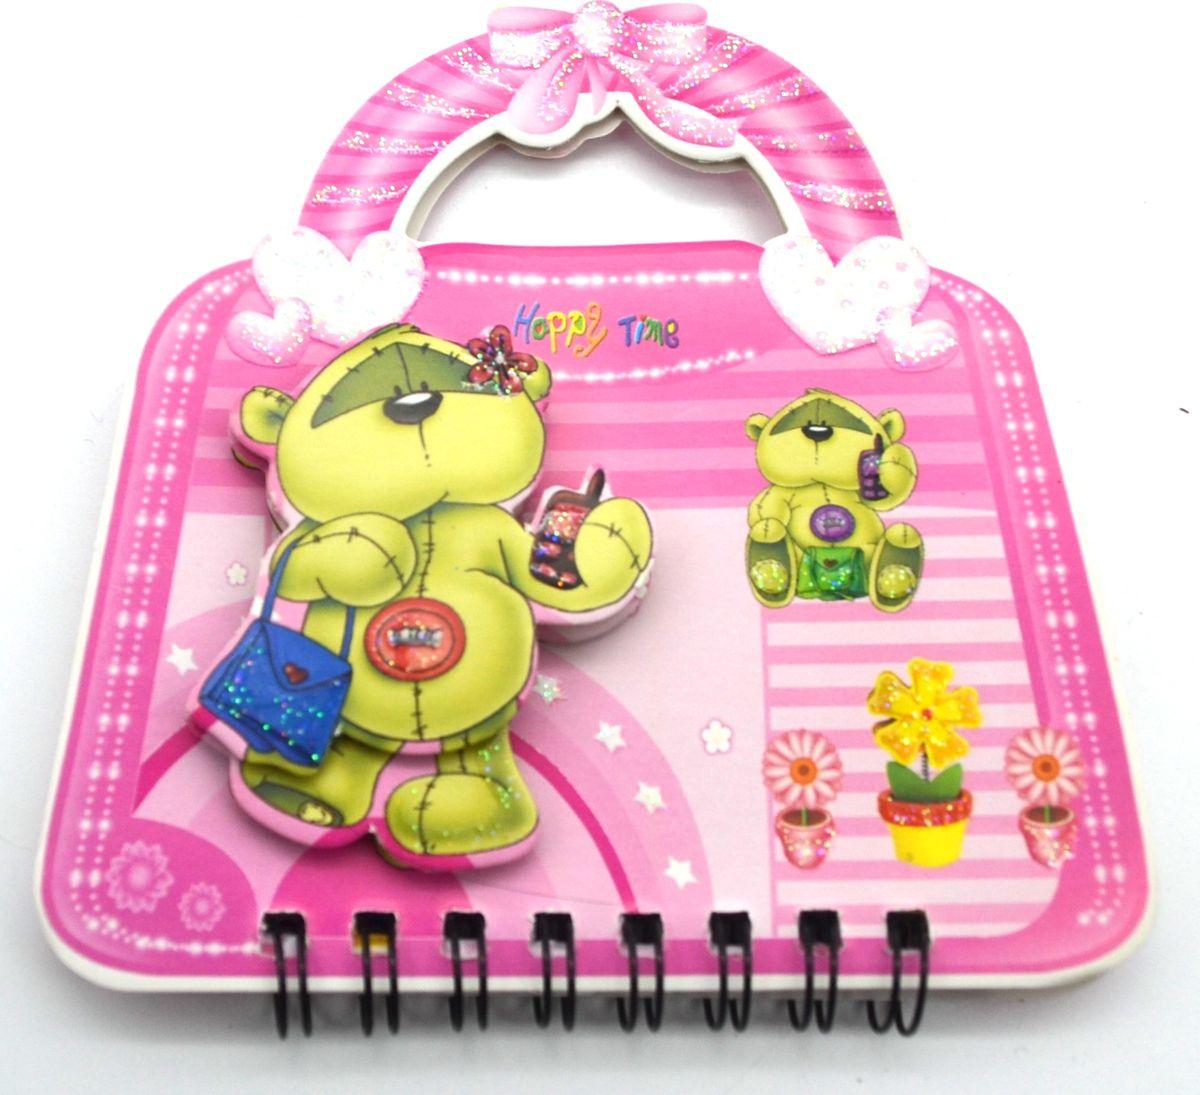 Карамба Блокнот Мишка на сумочке 50 листов в линейку цвет розовый 357172523WDБлокнот с объемным изображением мишки на лицевой стороне выполнен в виде сумочки с ручками (50 листов). Листики окрашены в голубой и зеленый цвета. На каждом листочке изображен мишка